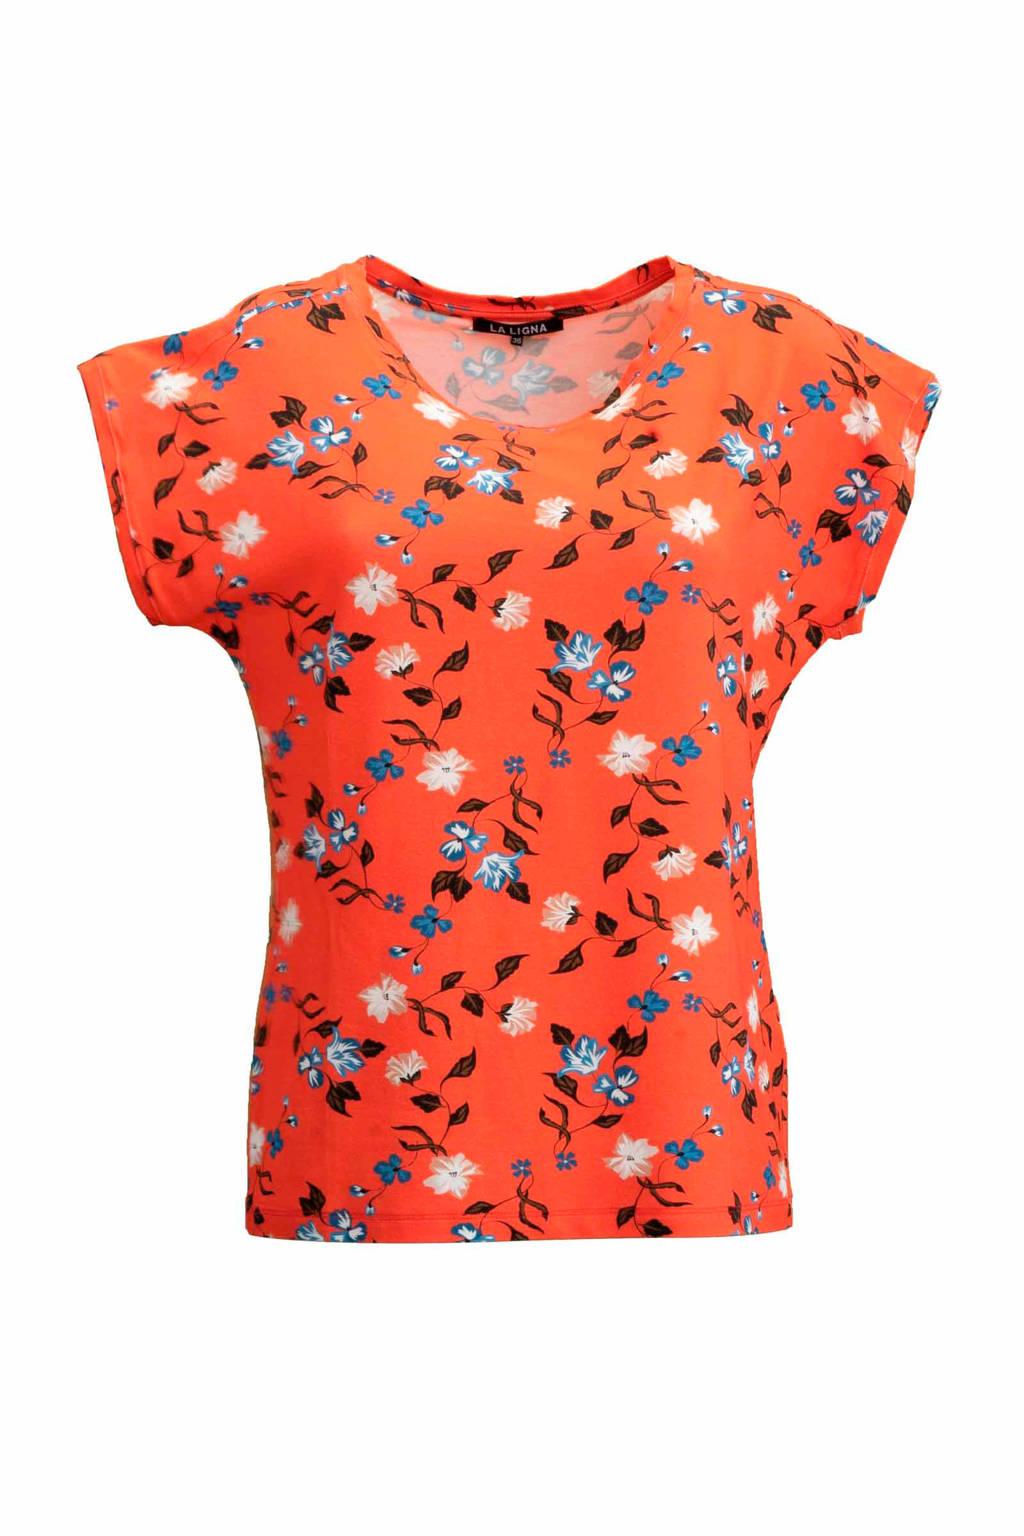 La Ligna gebloemd T-shirt oranje, Oranje